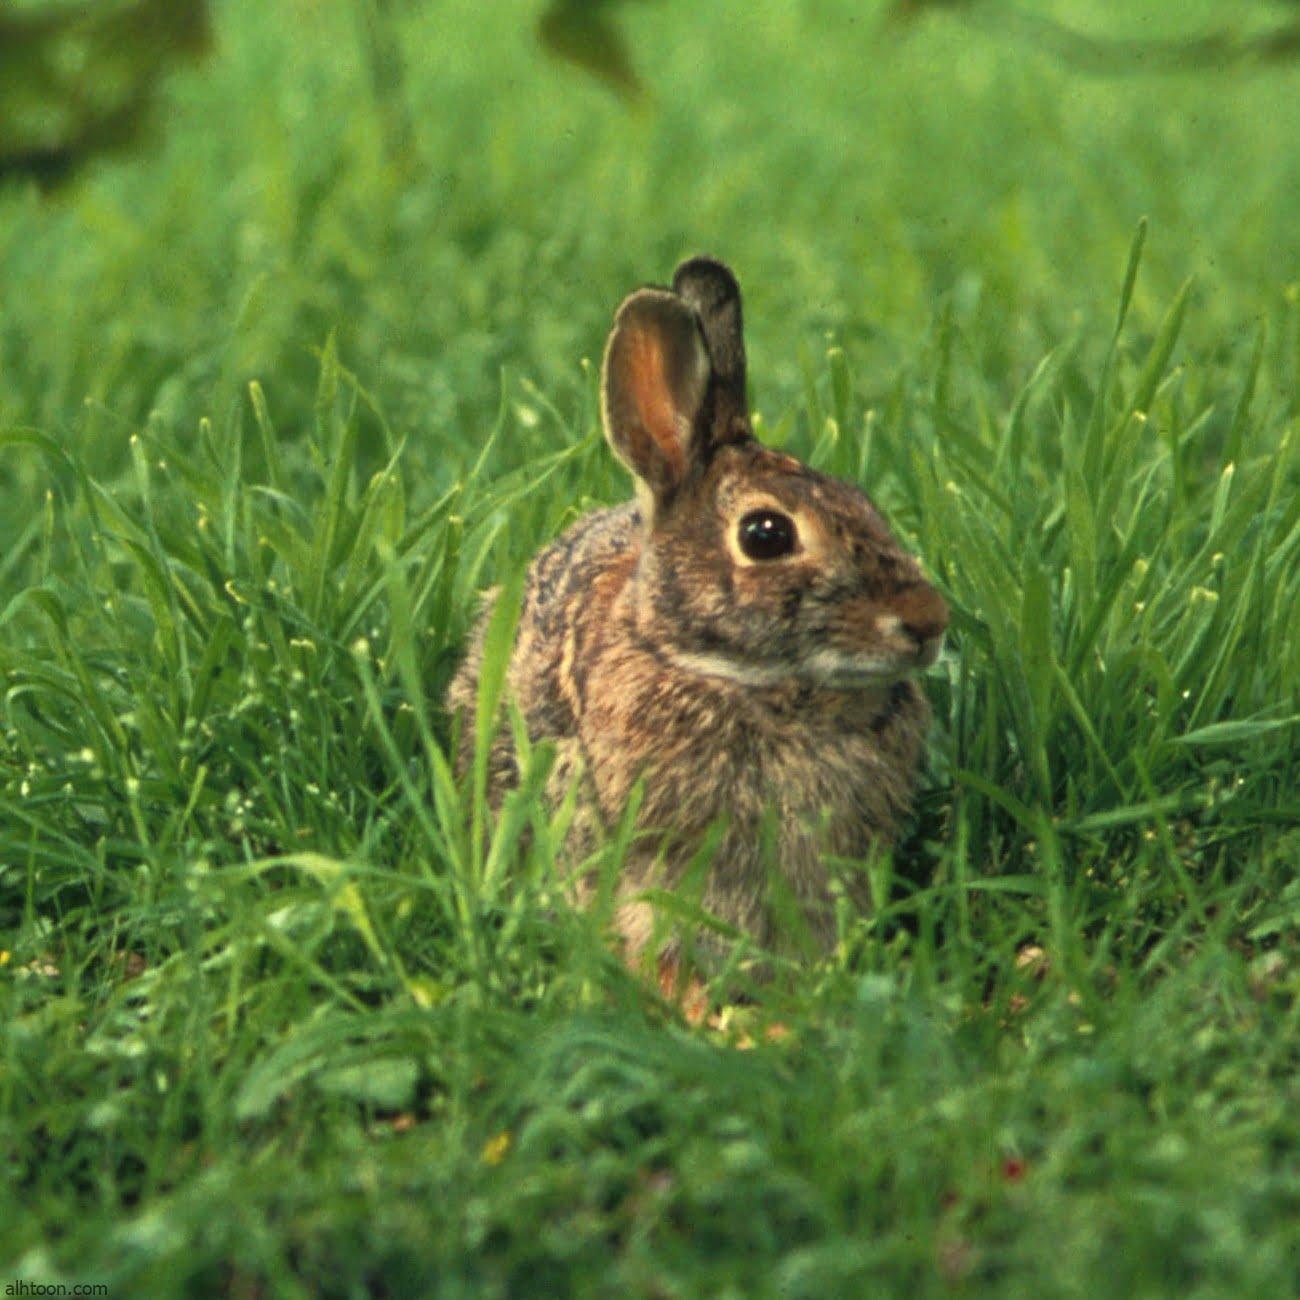 فيديو: هل شاهدت أرنب يسبح من قبل؟ - صحيفة هتون الدولية